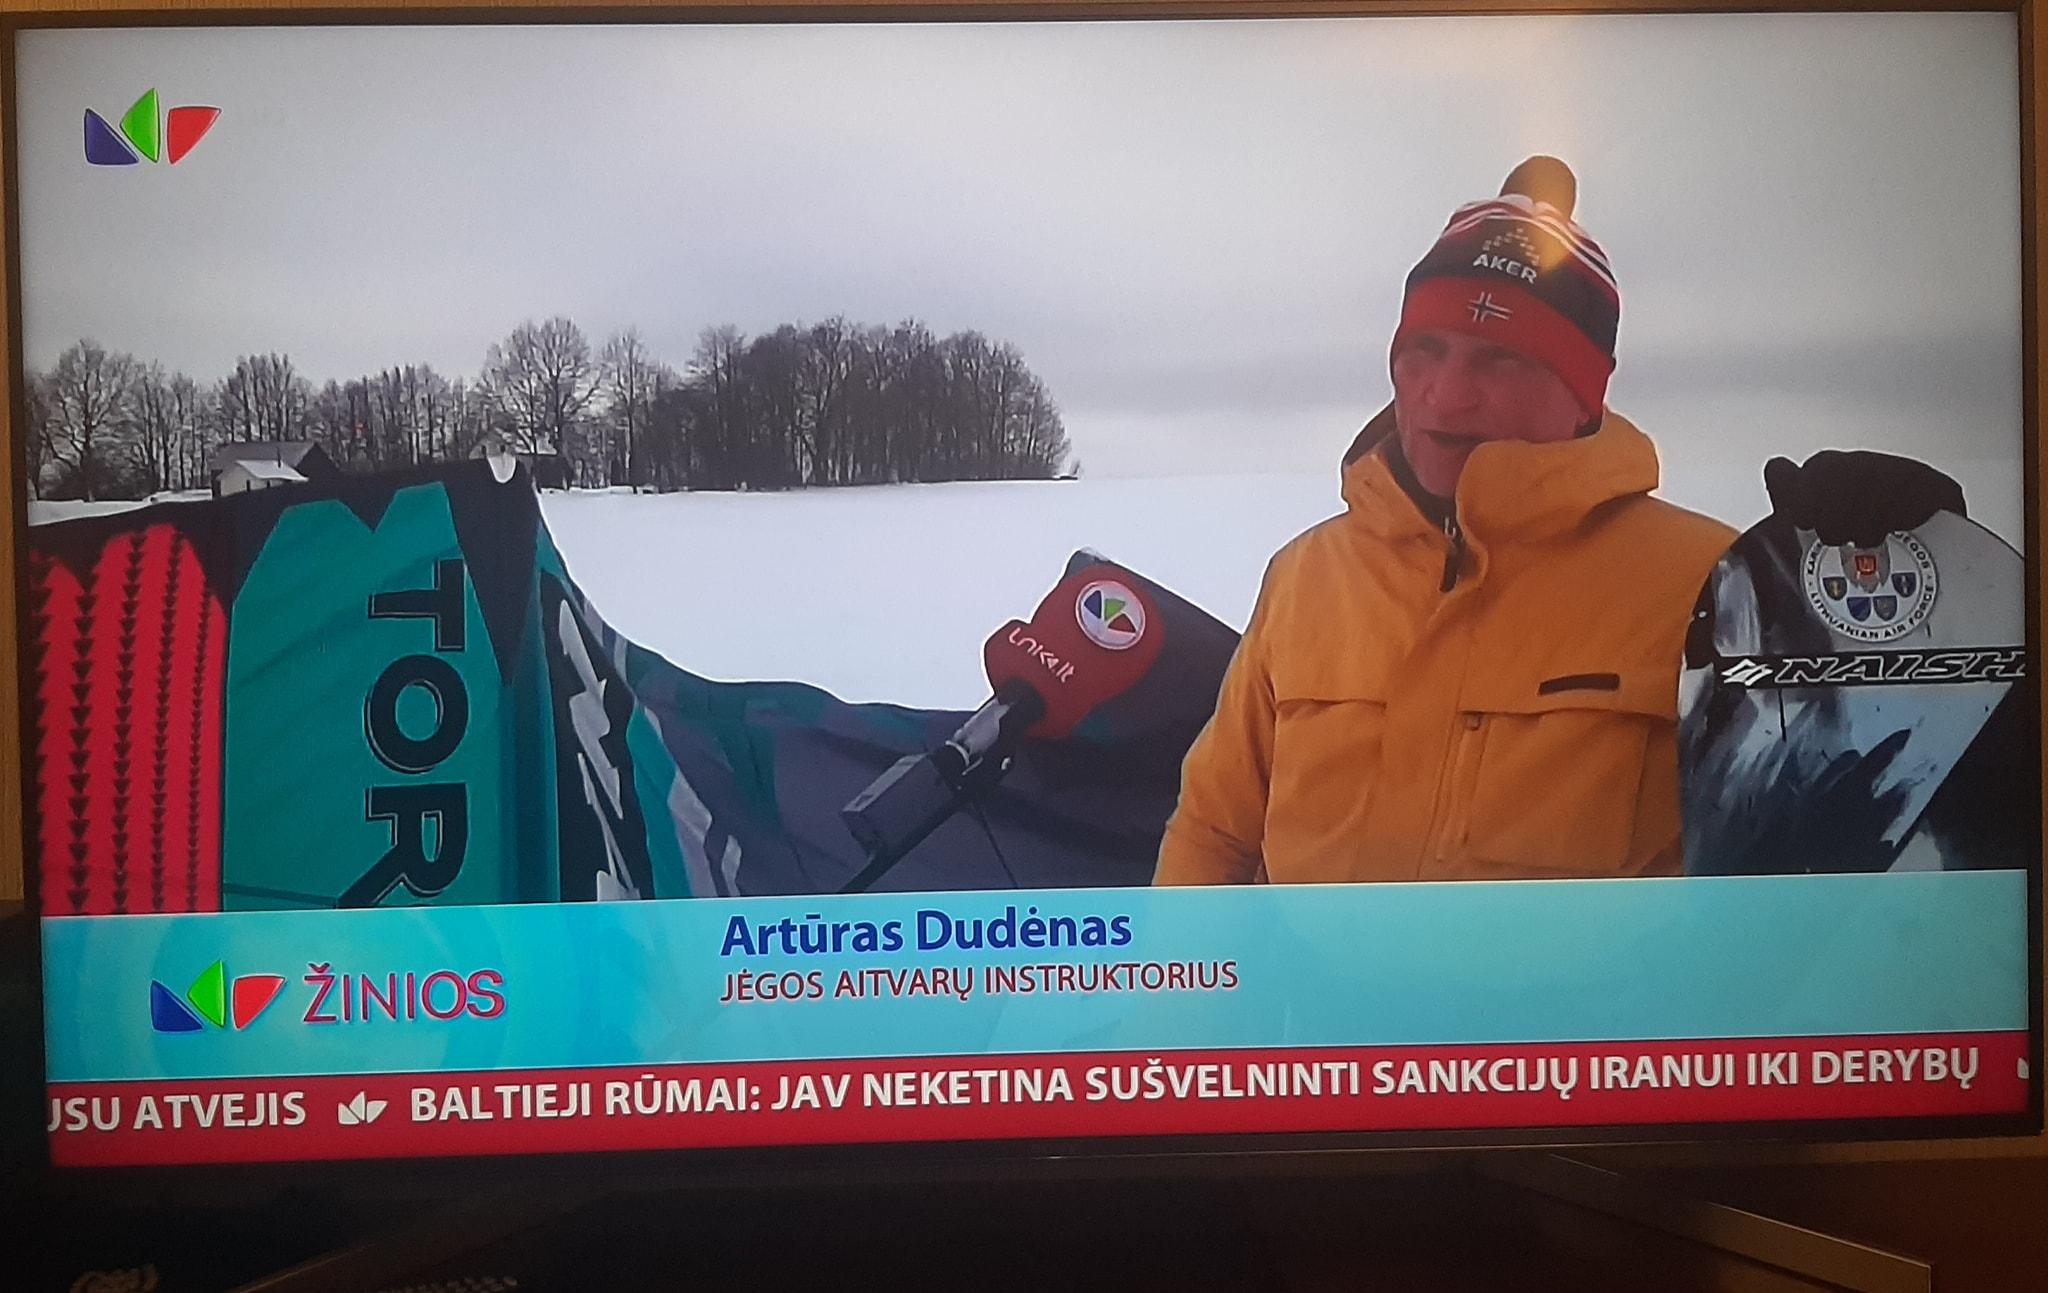 Artūras Dudėnas #139 Jėgos aitvarai Šiauliuose pe LNK TV